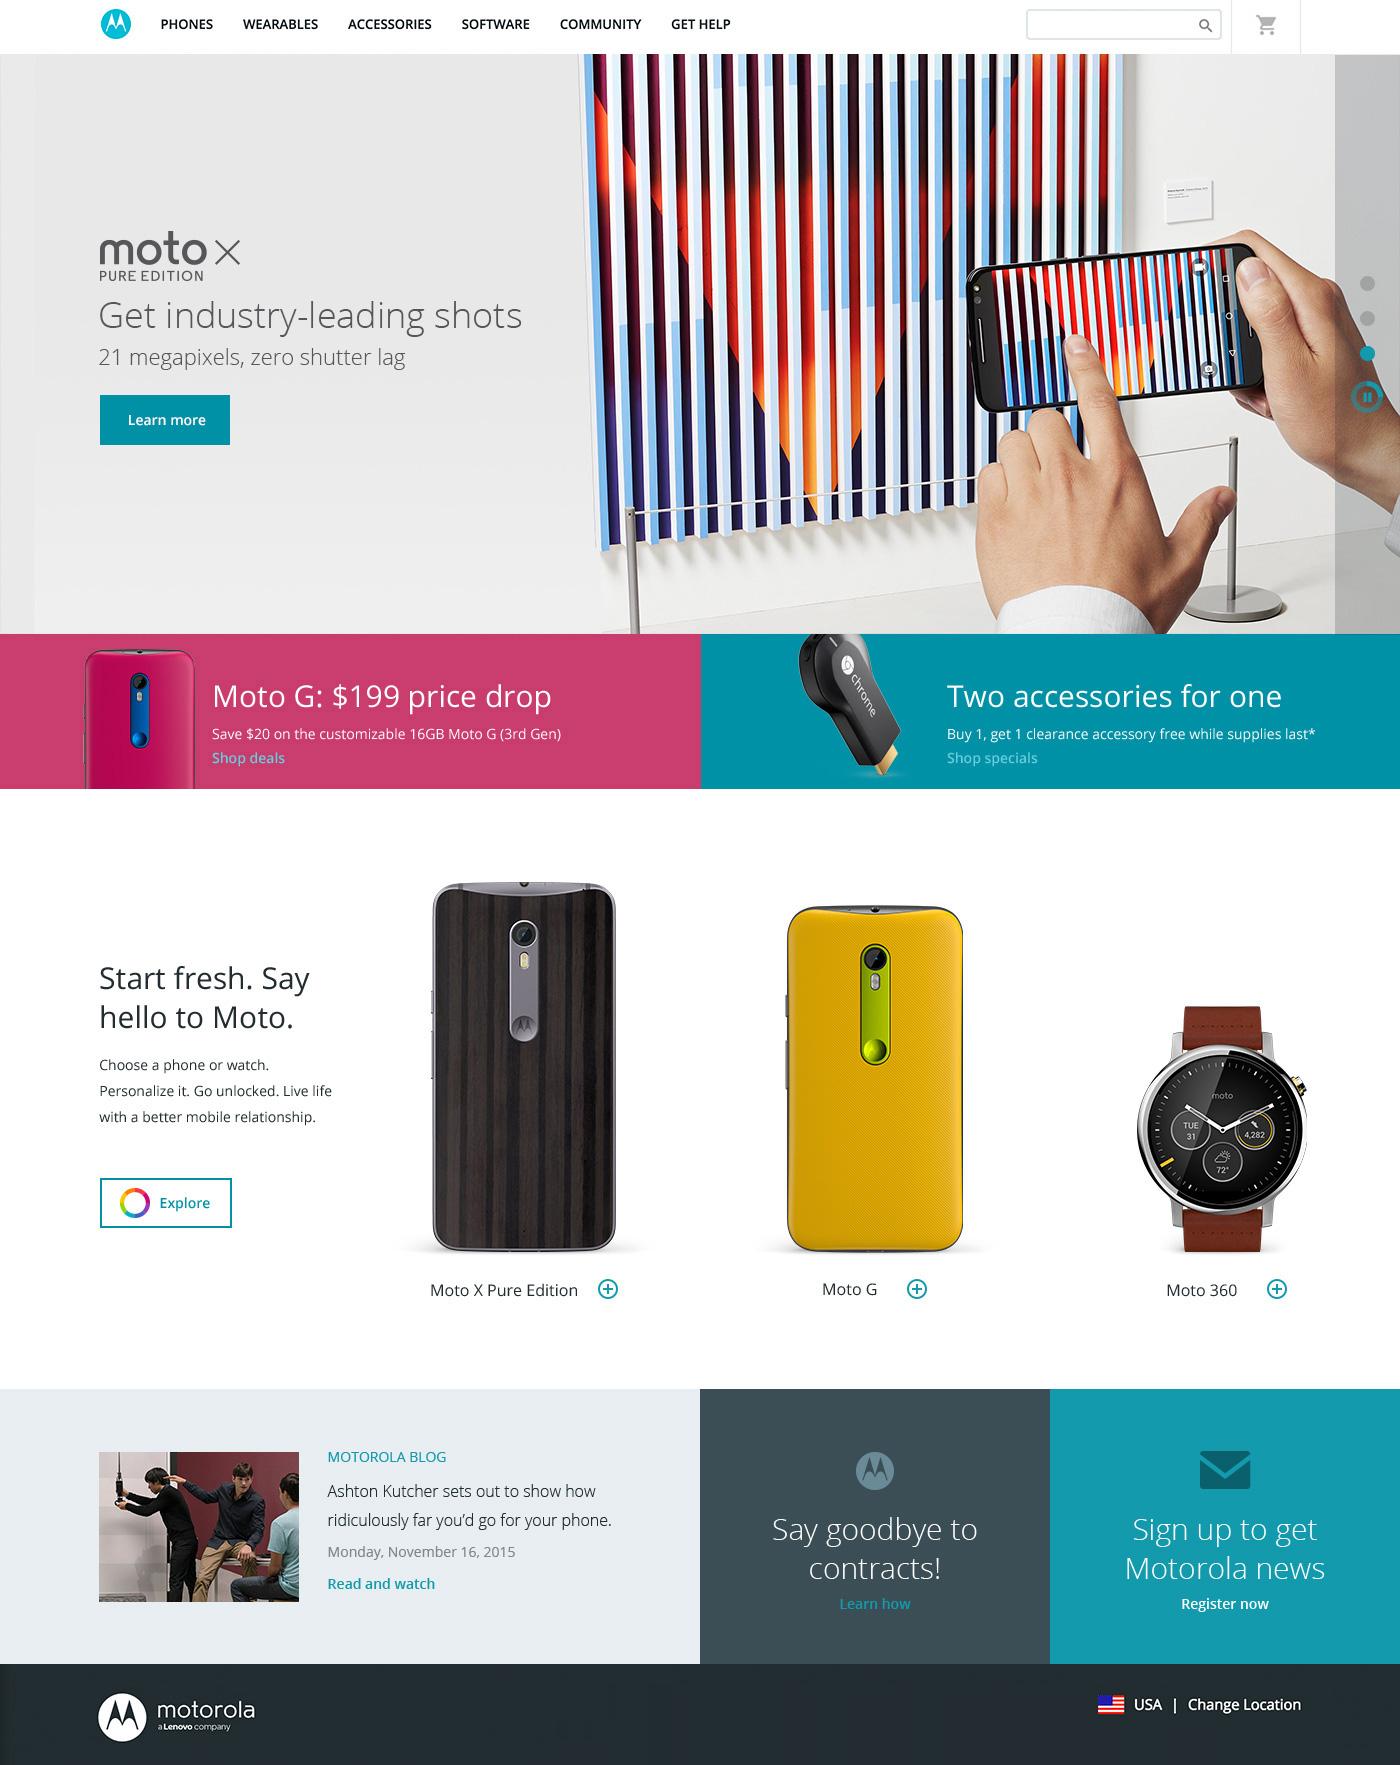 moto_homepage3.jpg